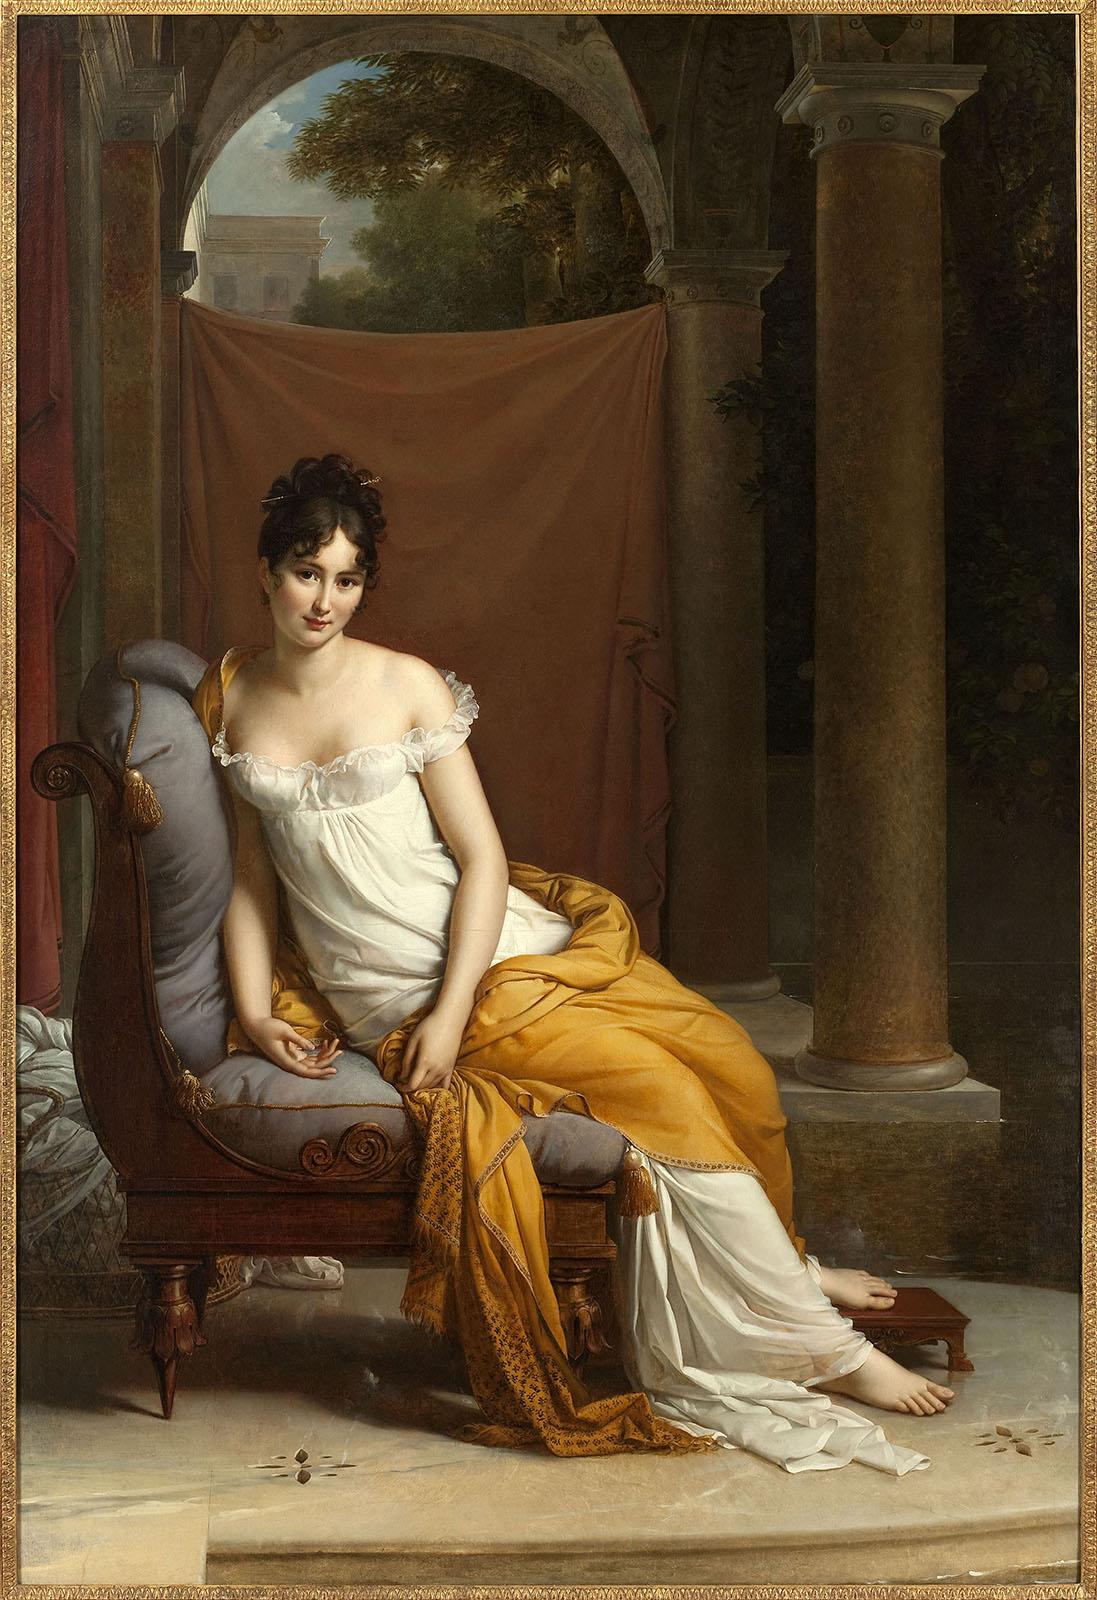 François Gérard. Juliette Récamier. 1802-1805. Museo Carnavalet. Paris.